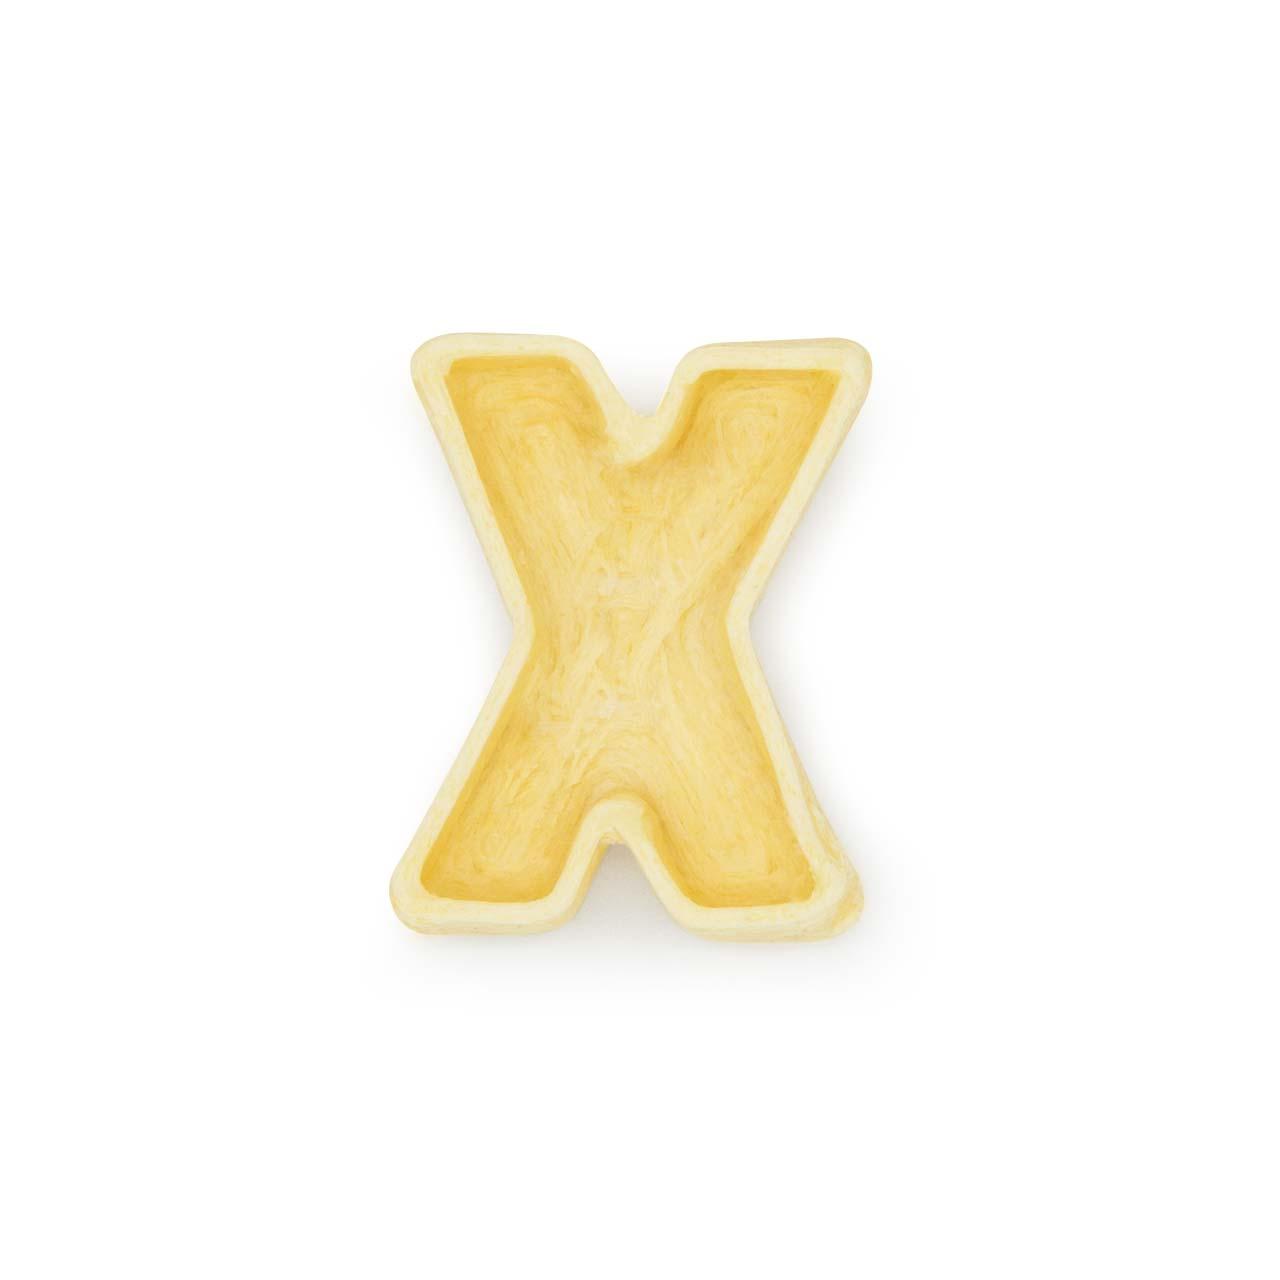 La lettera X di pasta